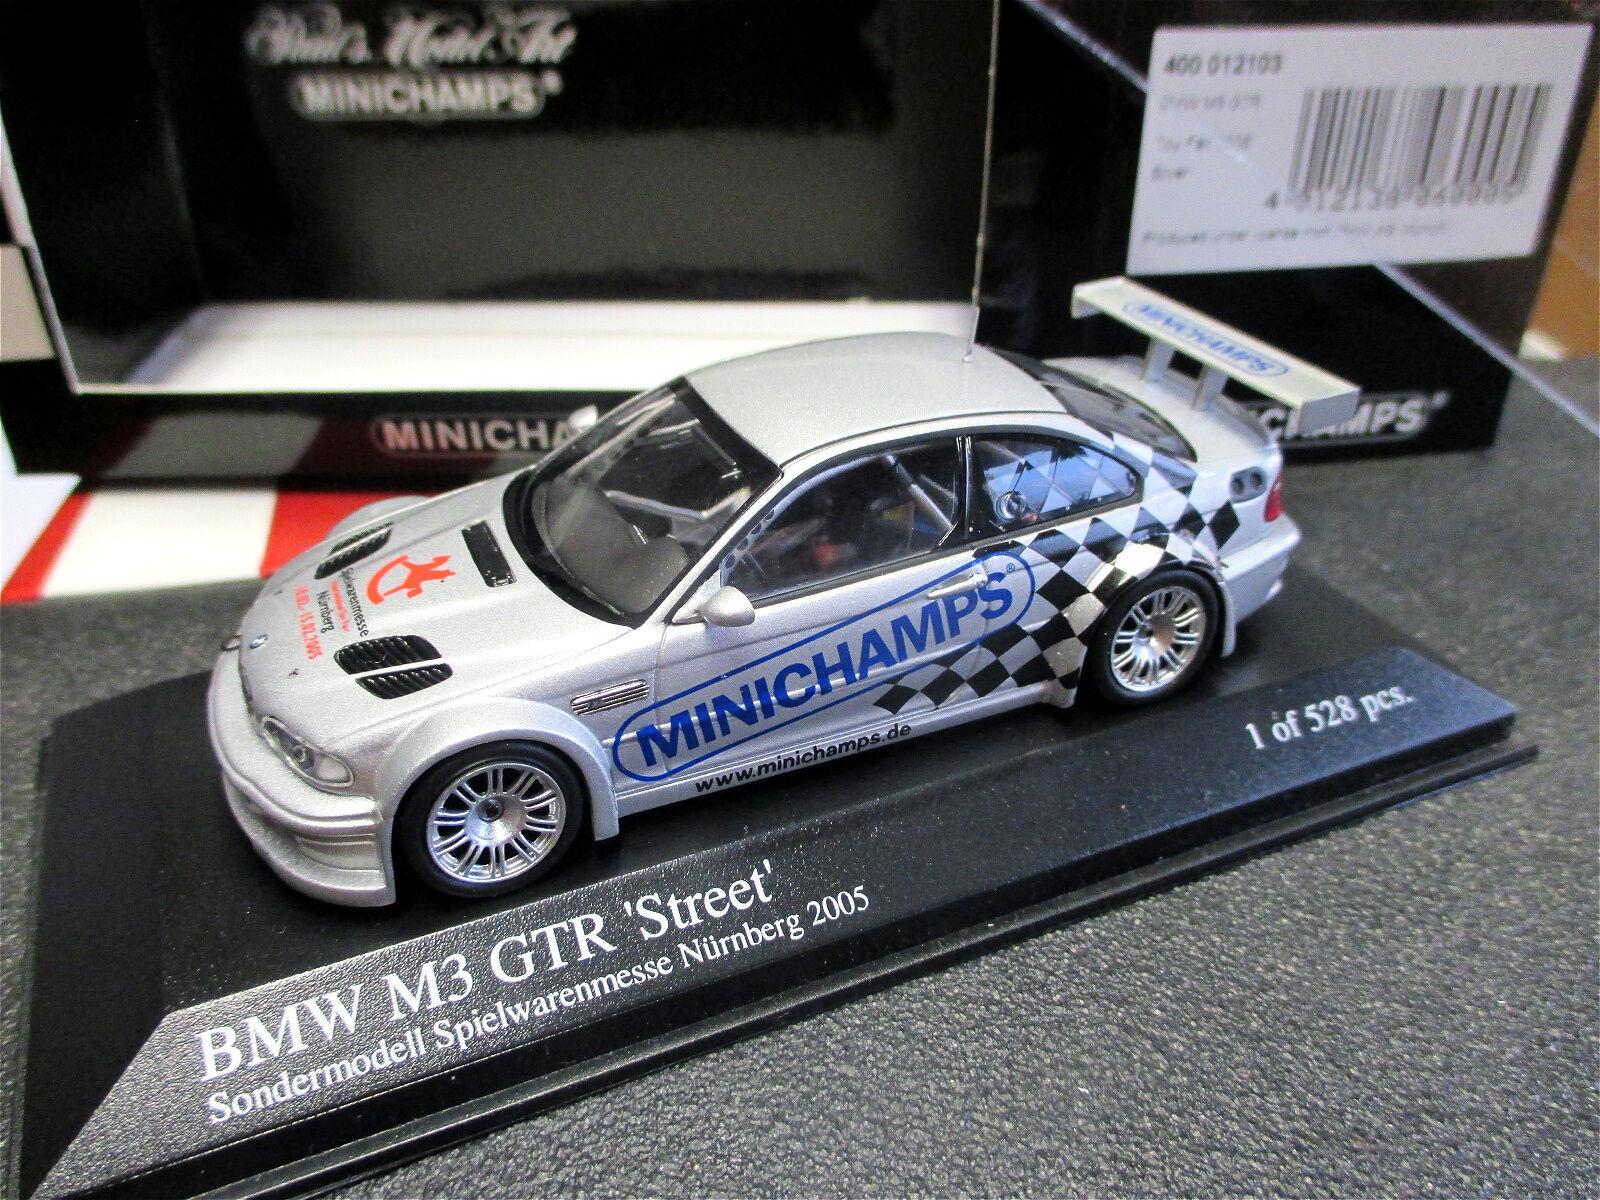 1 43 BMW m3 GTR  street  jouets-Foire-modèle Nuremberg 2005 Minichamps MINT